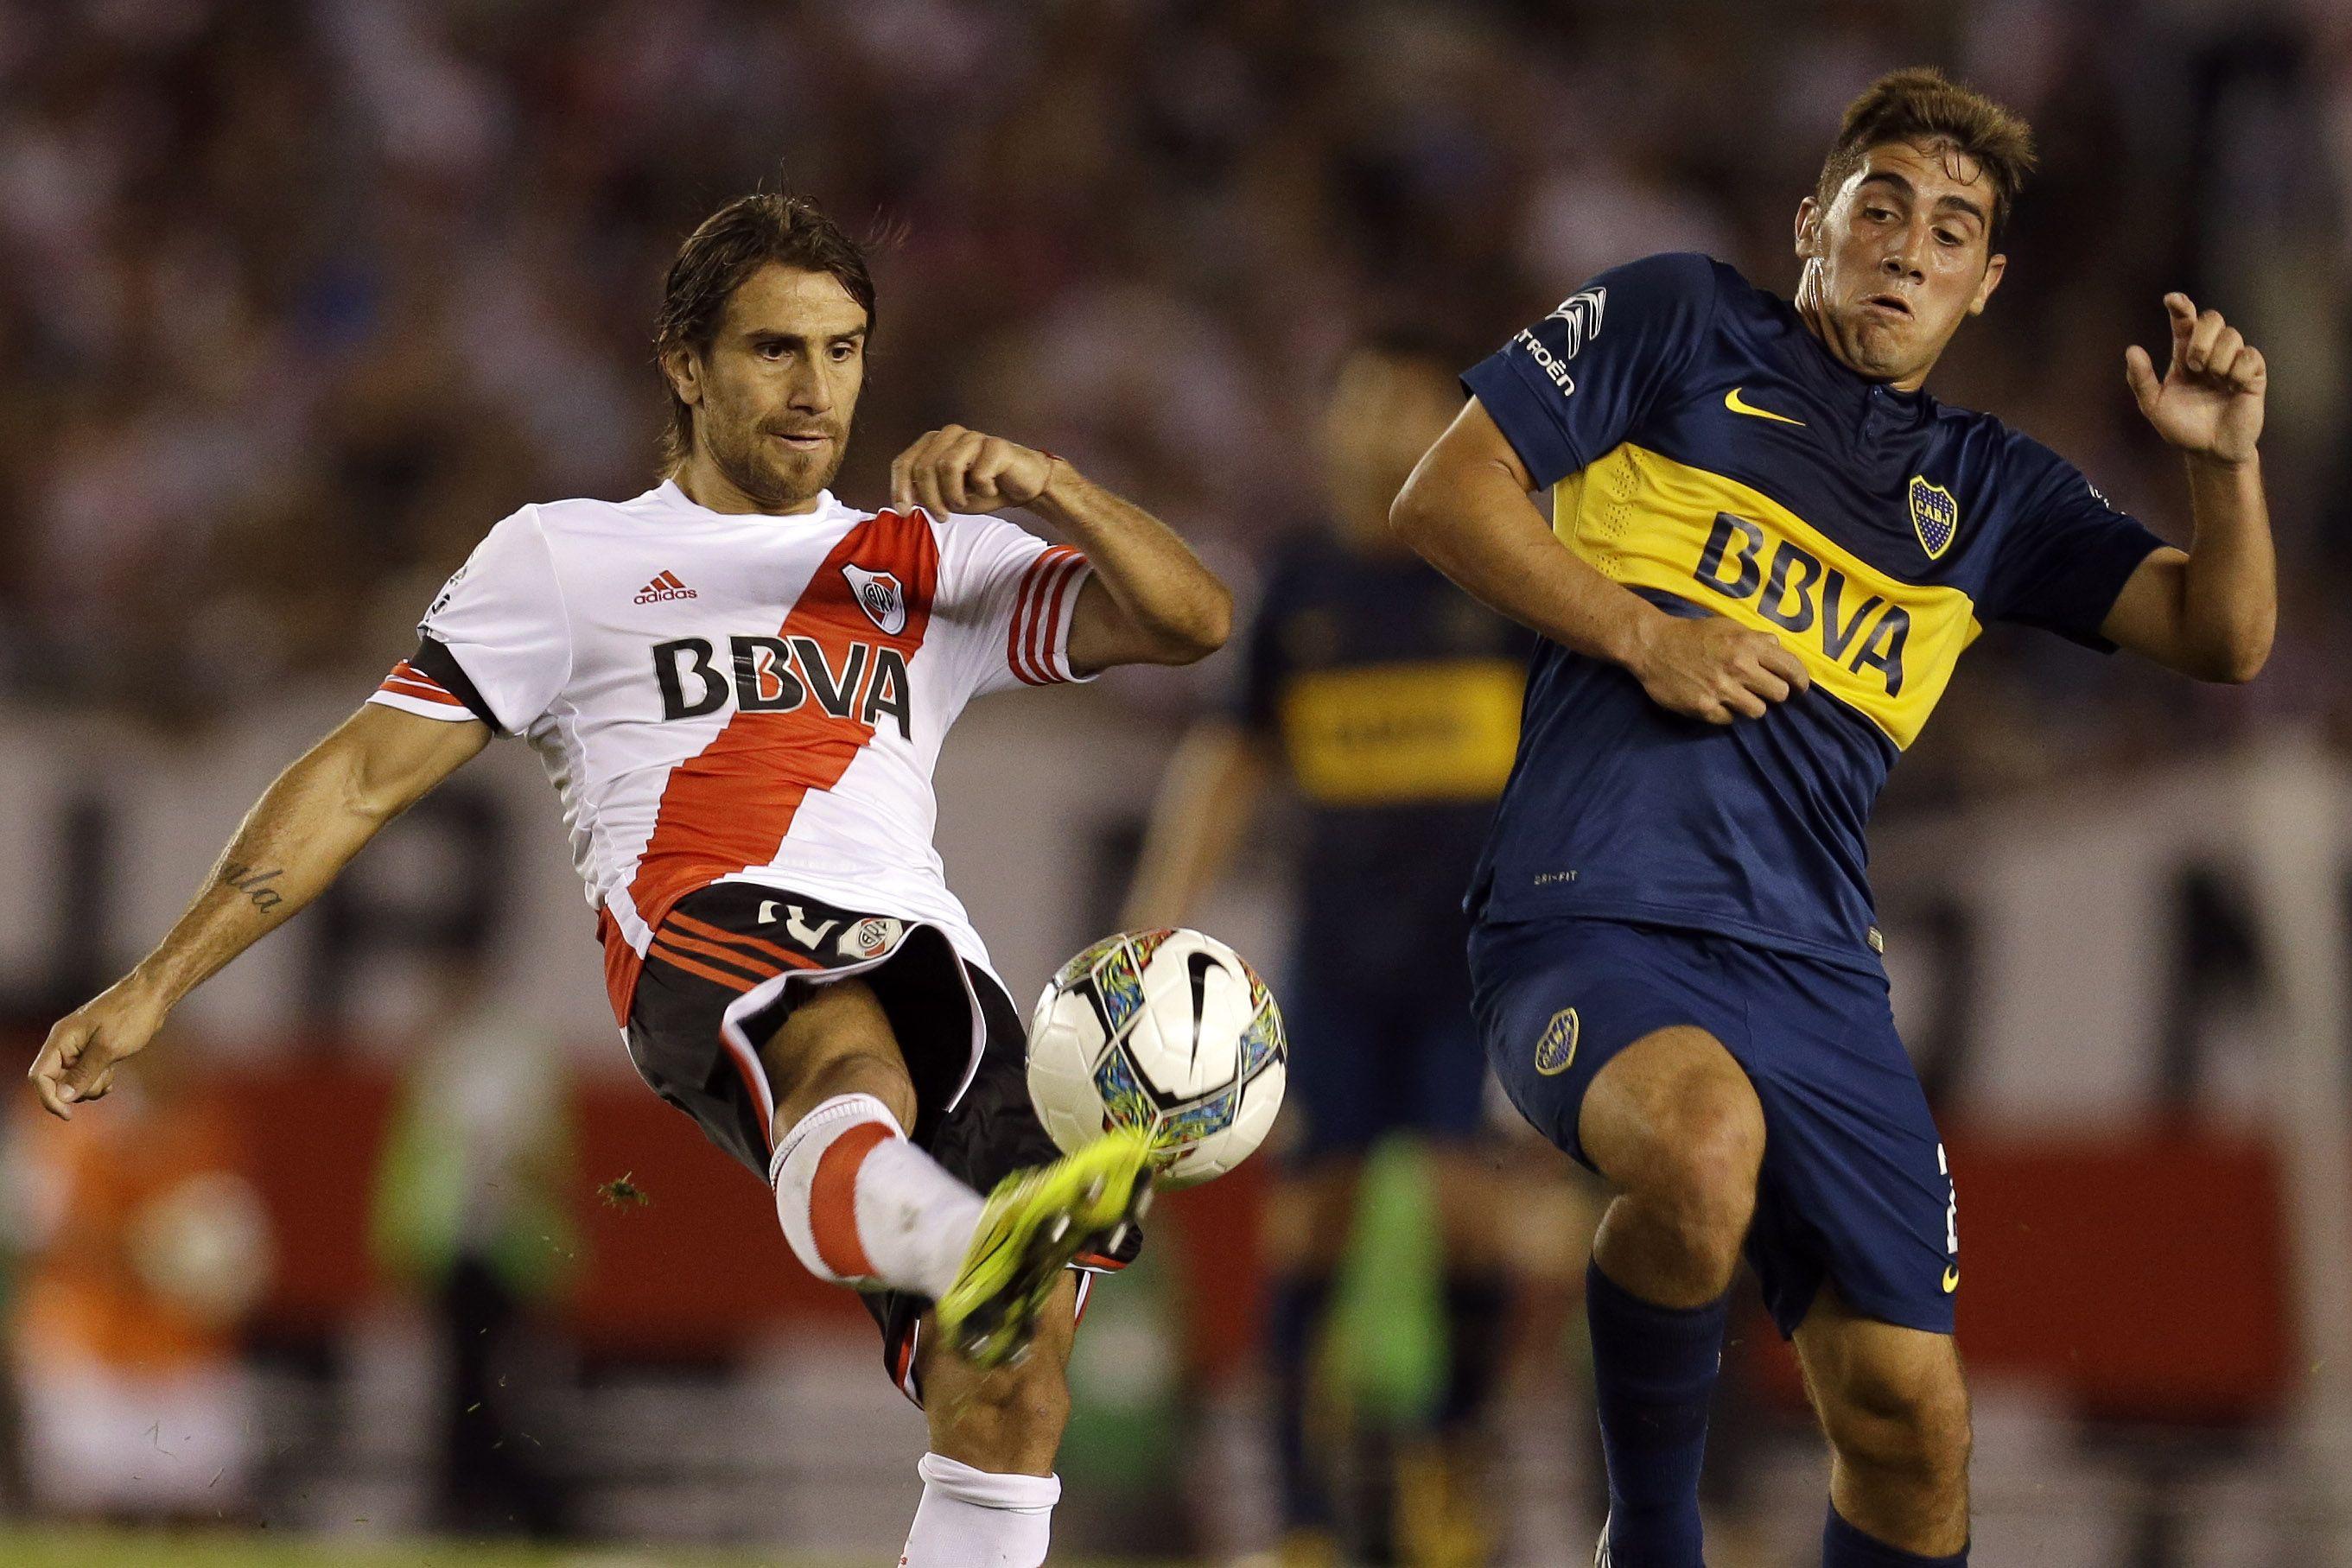 Ponzio y Erbes luchan por el balón.